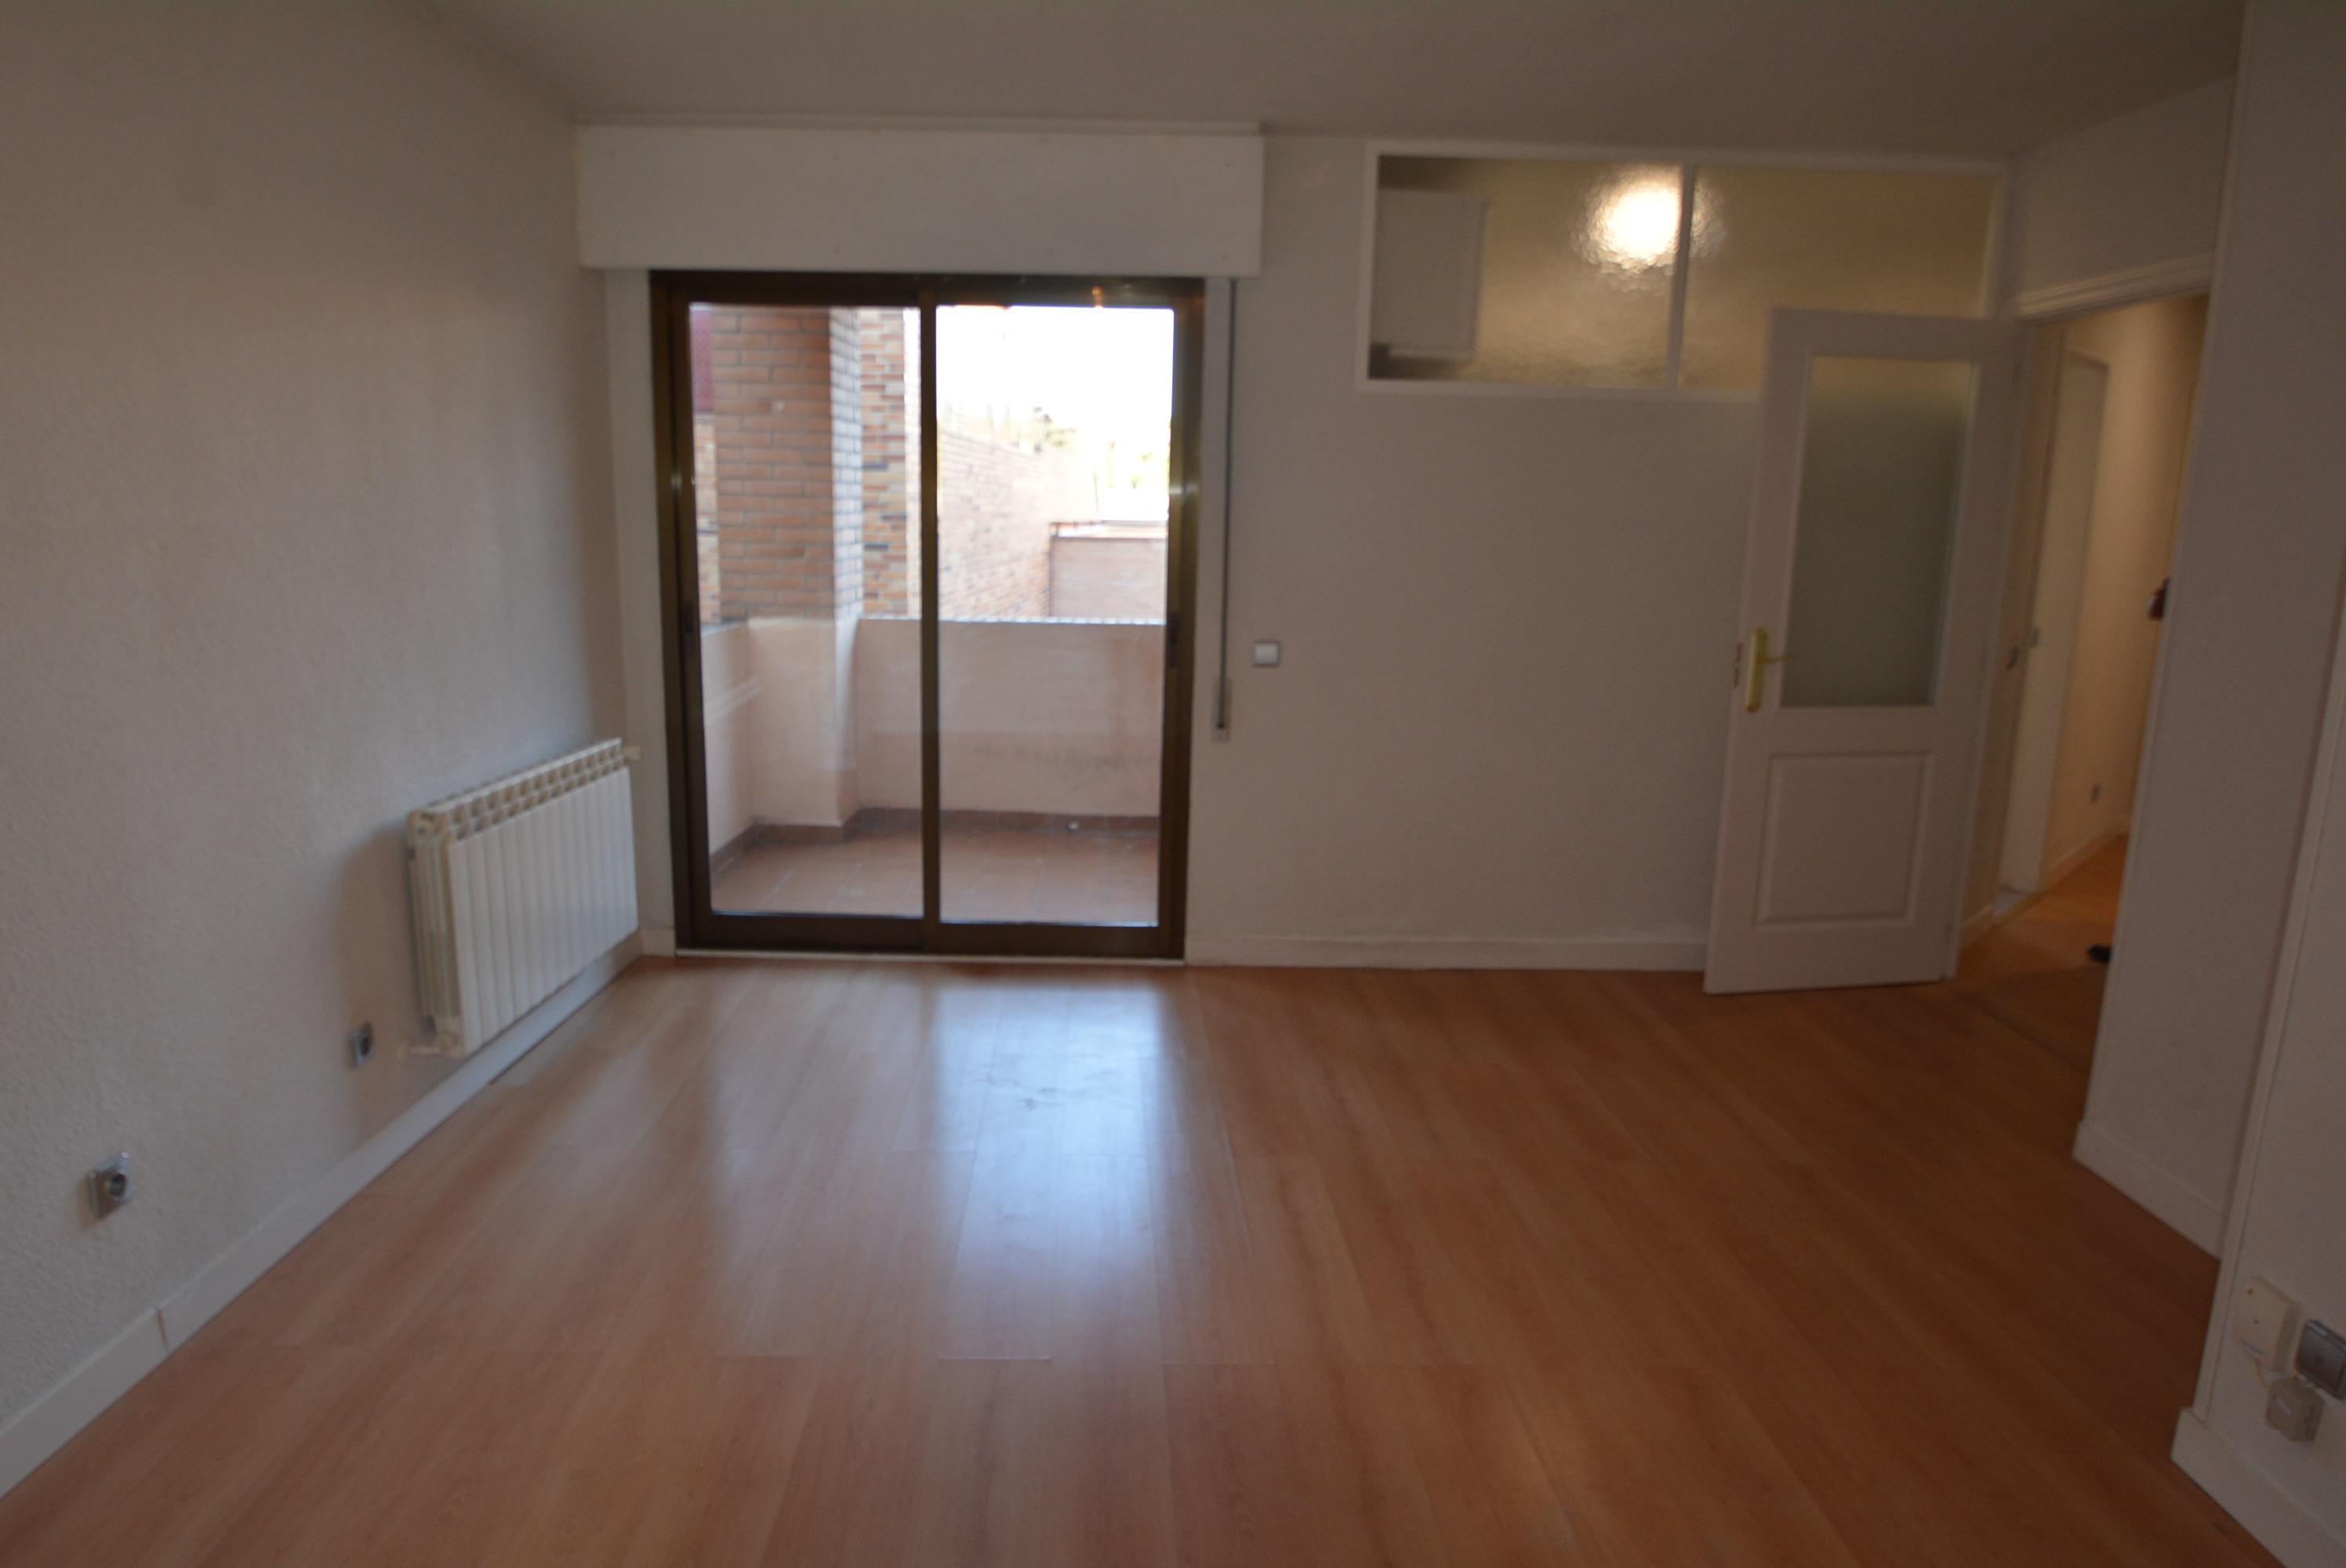 Alquiler pisos en majadahonda amazing imagen de piso en - Alquiler de pisos baratos en majadahonda ...